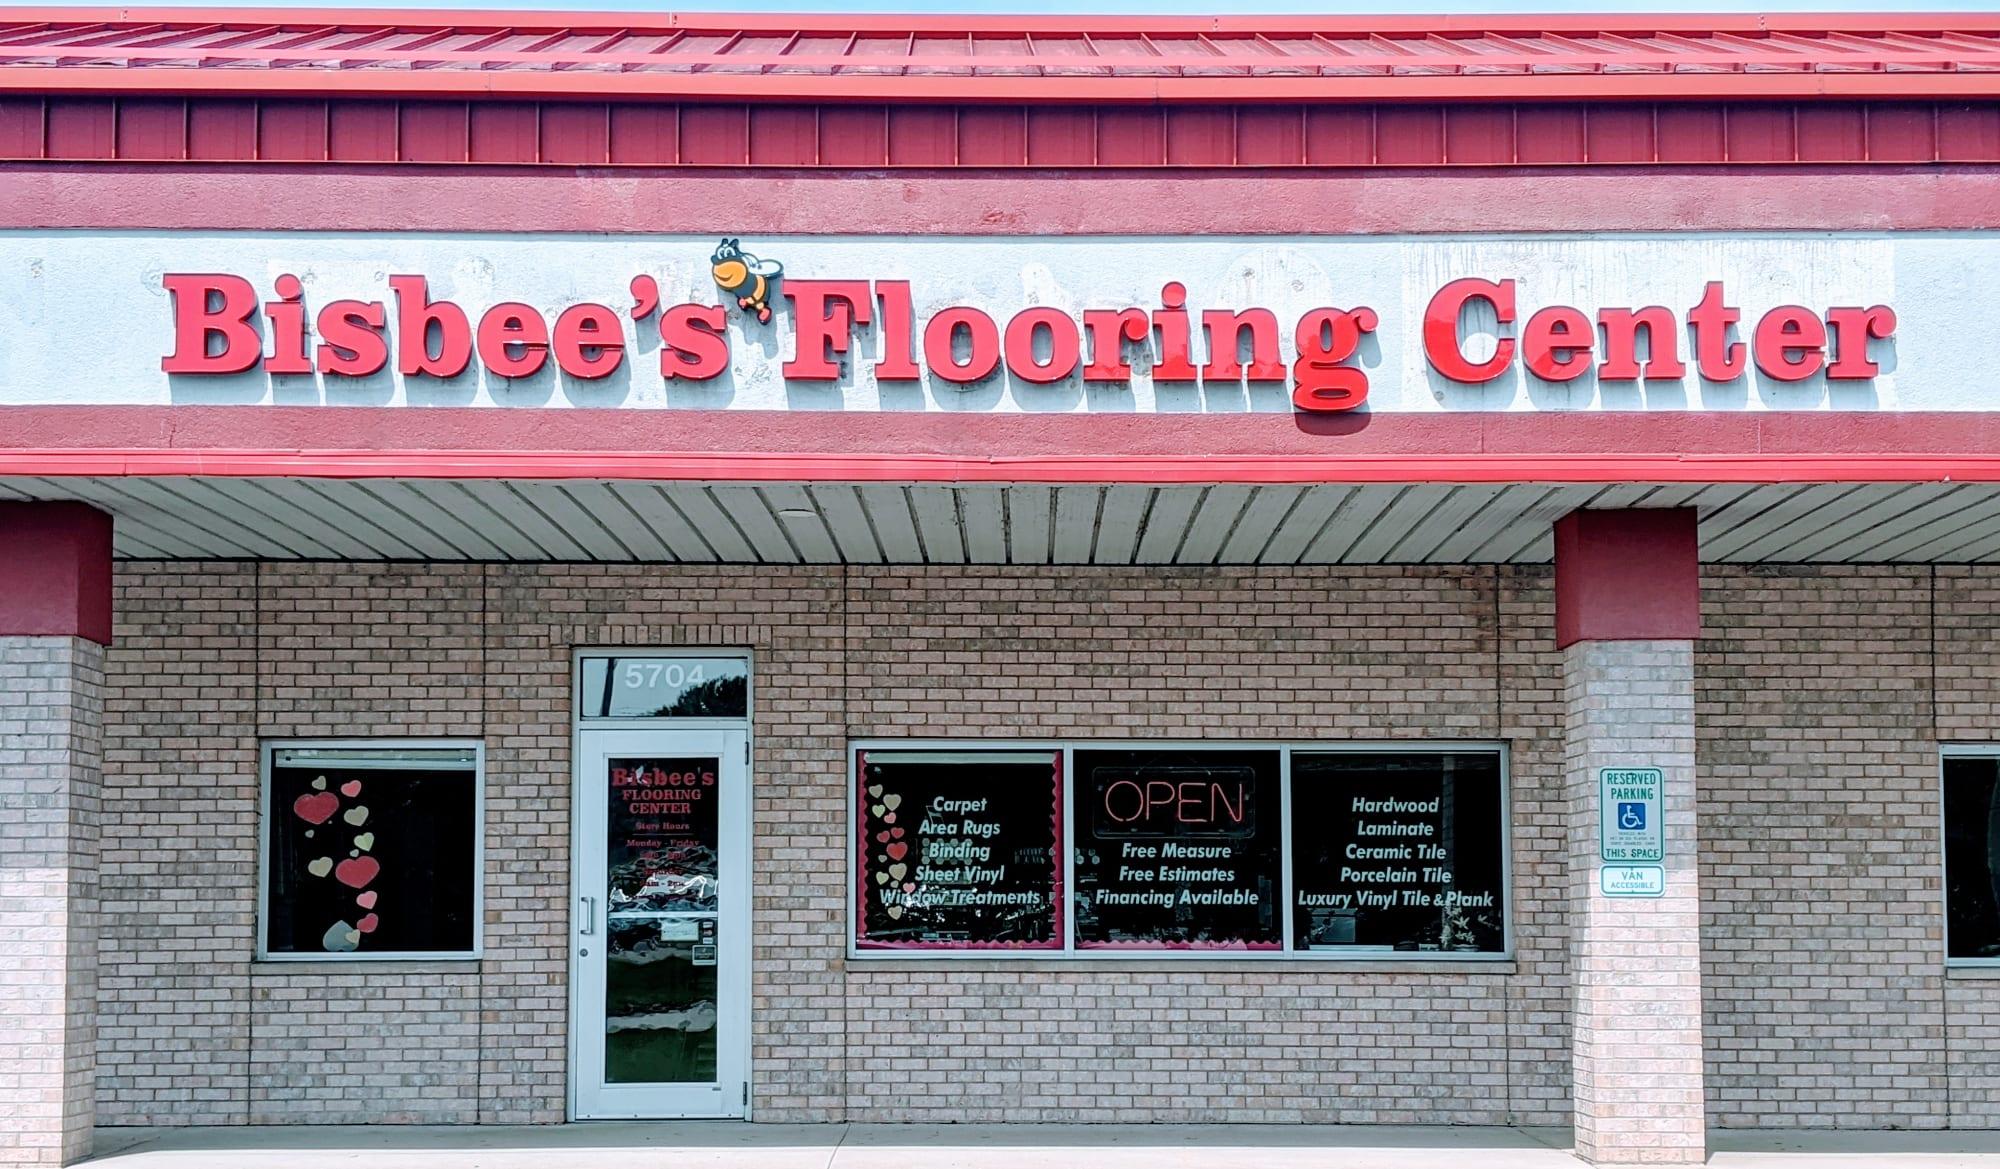 Bisbee's Flooring Center - 5704 US-51 McFarland, WI 53558